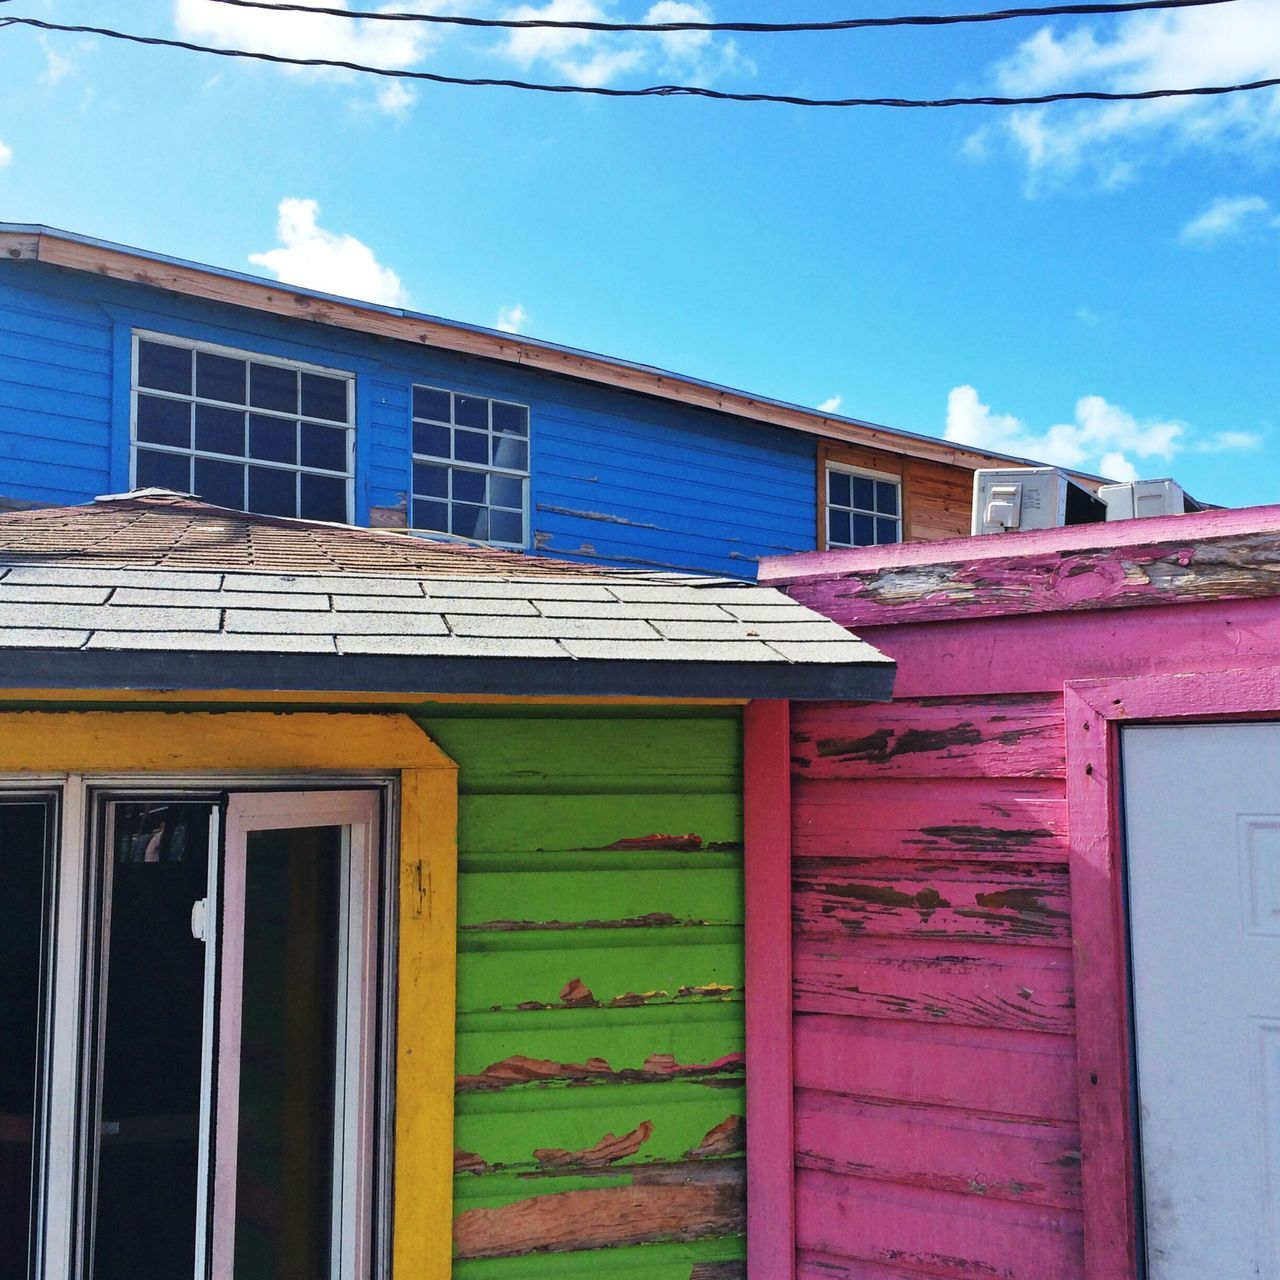 Bahamas Colorful Traveling Vacation